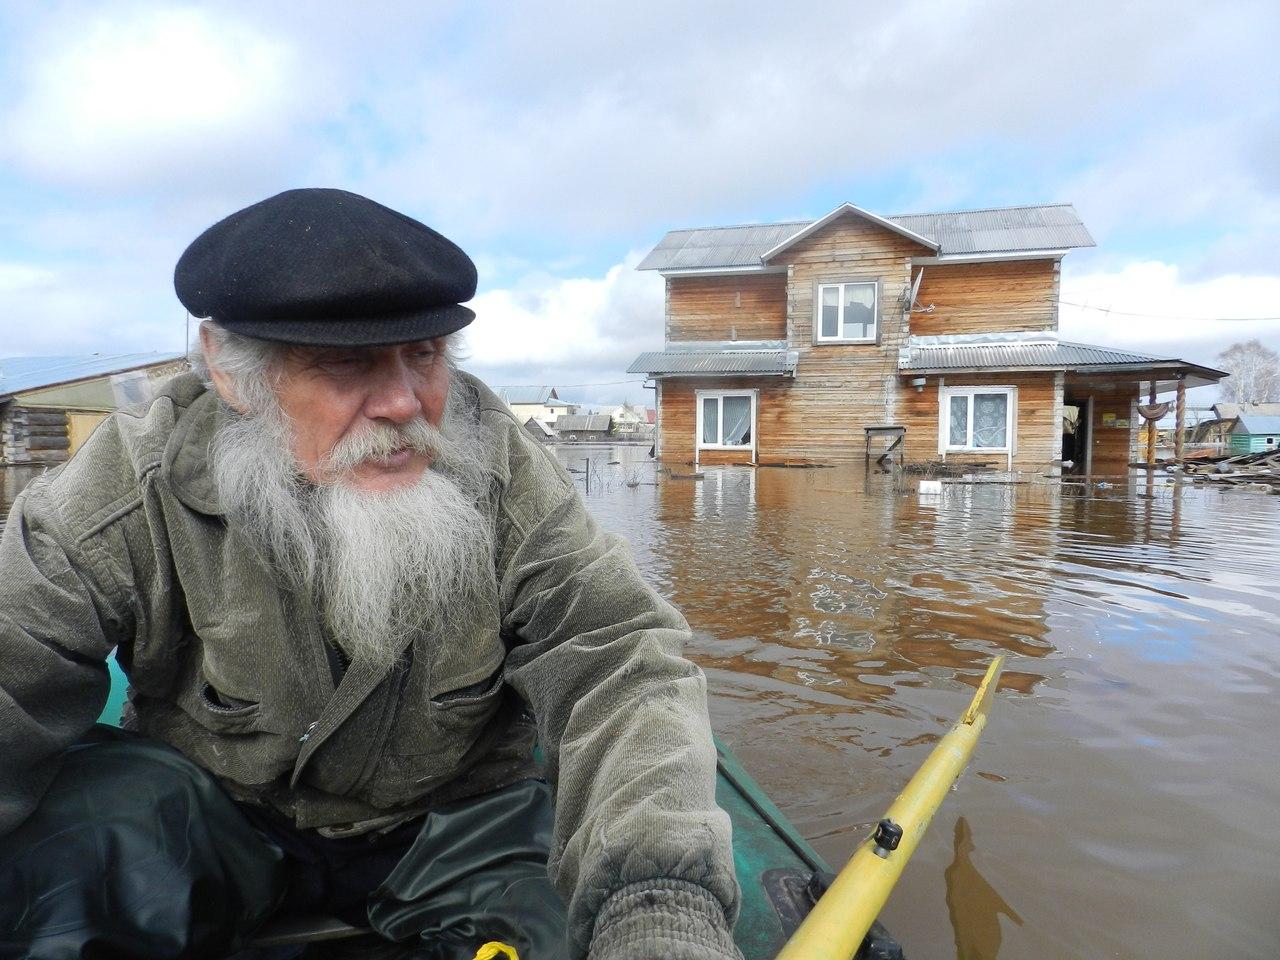 Жителям Вологодской области, пострадавшим от половодья, обещают выделить денежную помощь